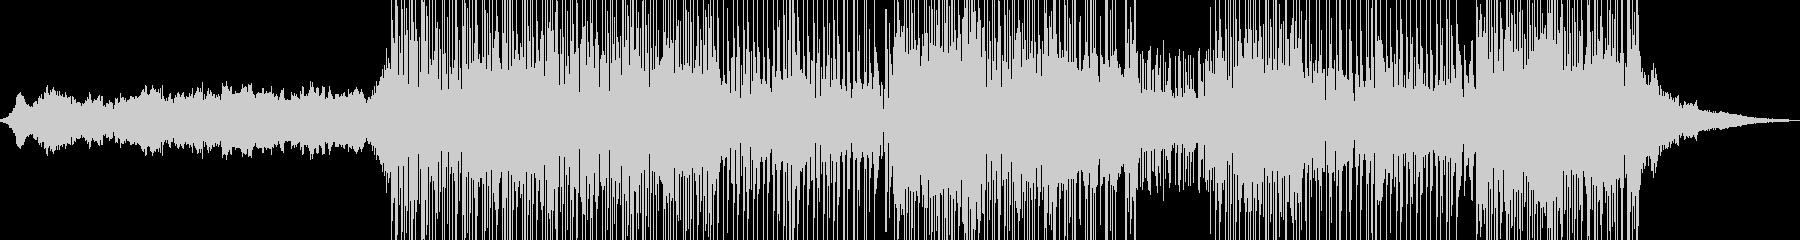 琴・三味線・レトロな演歌調ポップ+の未再生の波形